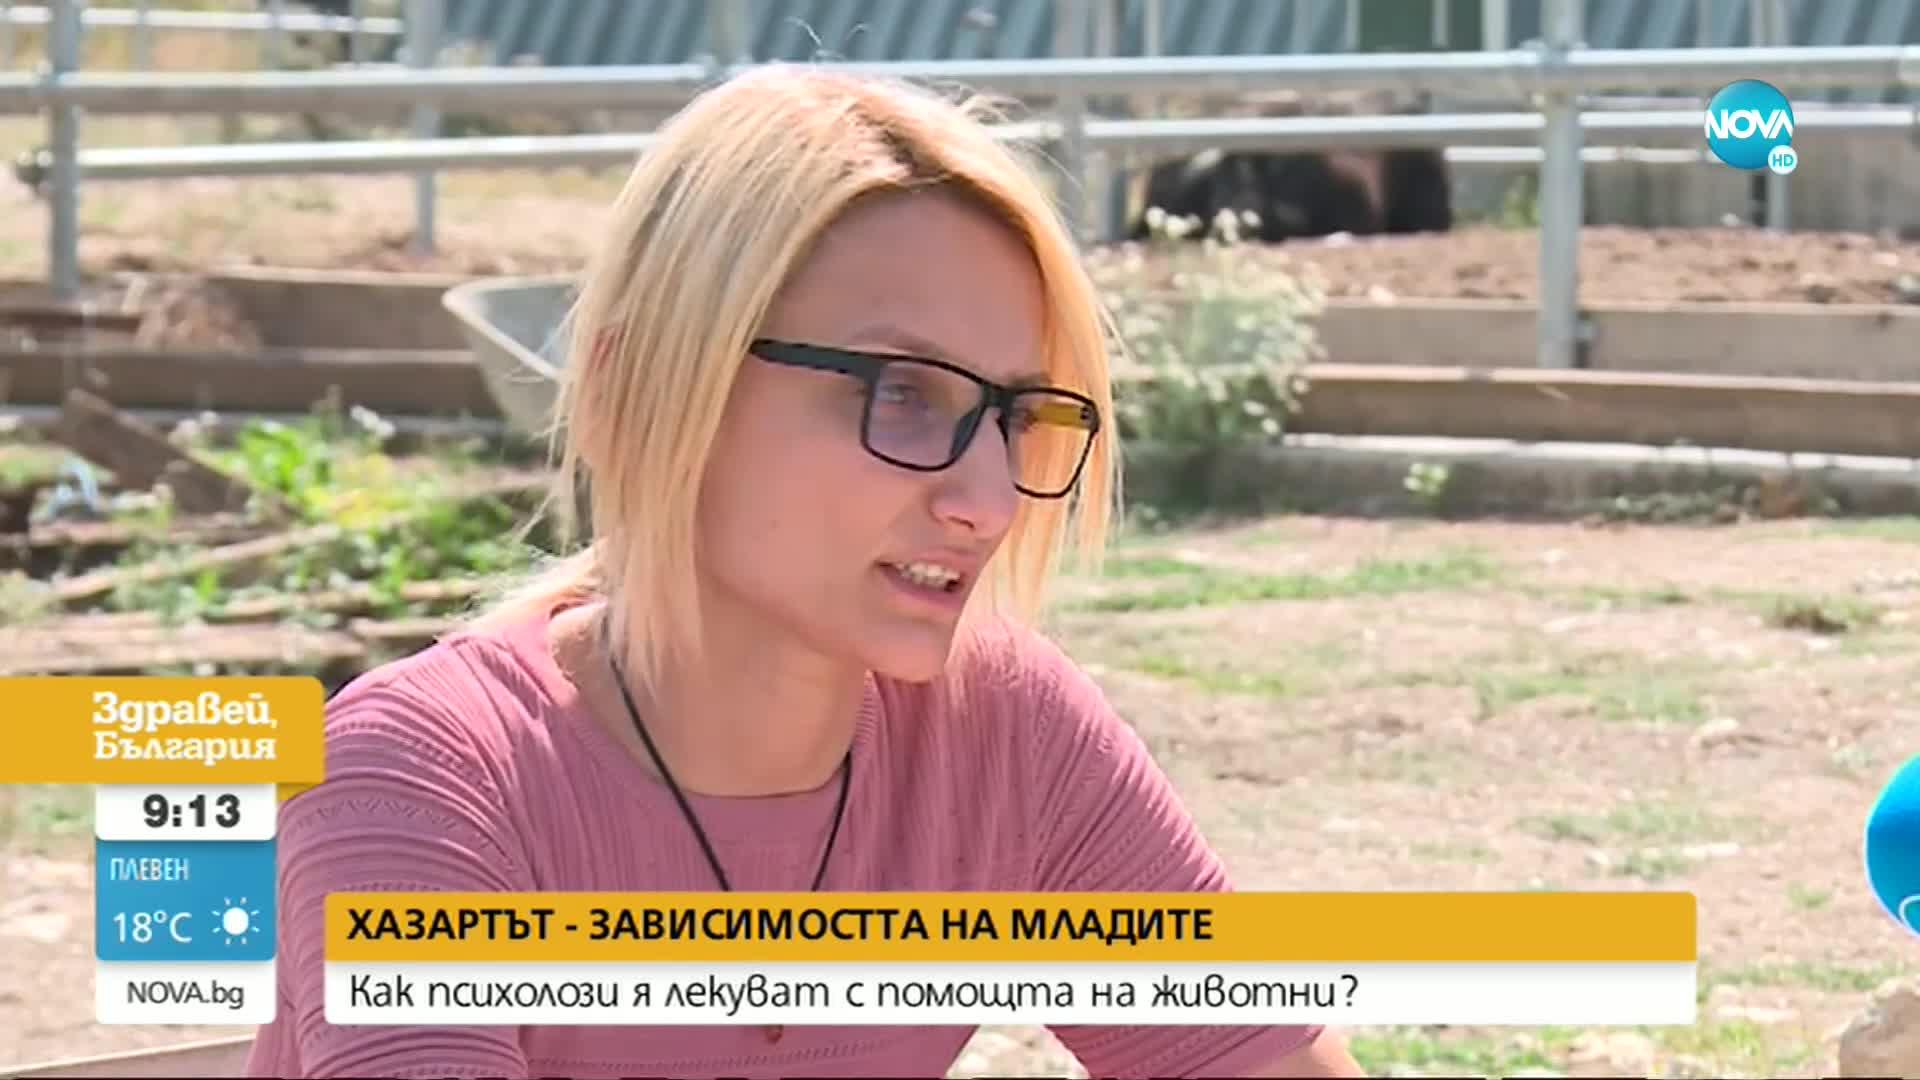 ХАЗАРТЪТ - ЗАВИСИМОСТТА НА МЛАДИТЕ: Как психолози я лекуват с помощта на животни